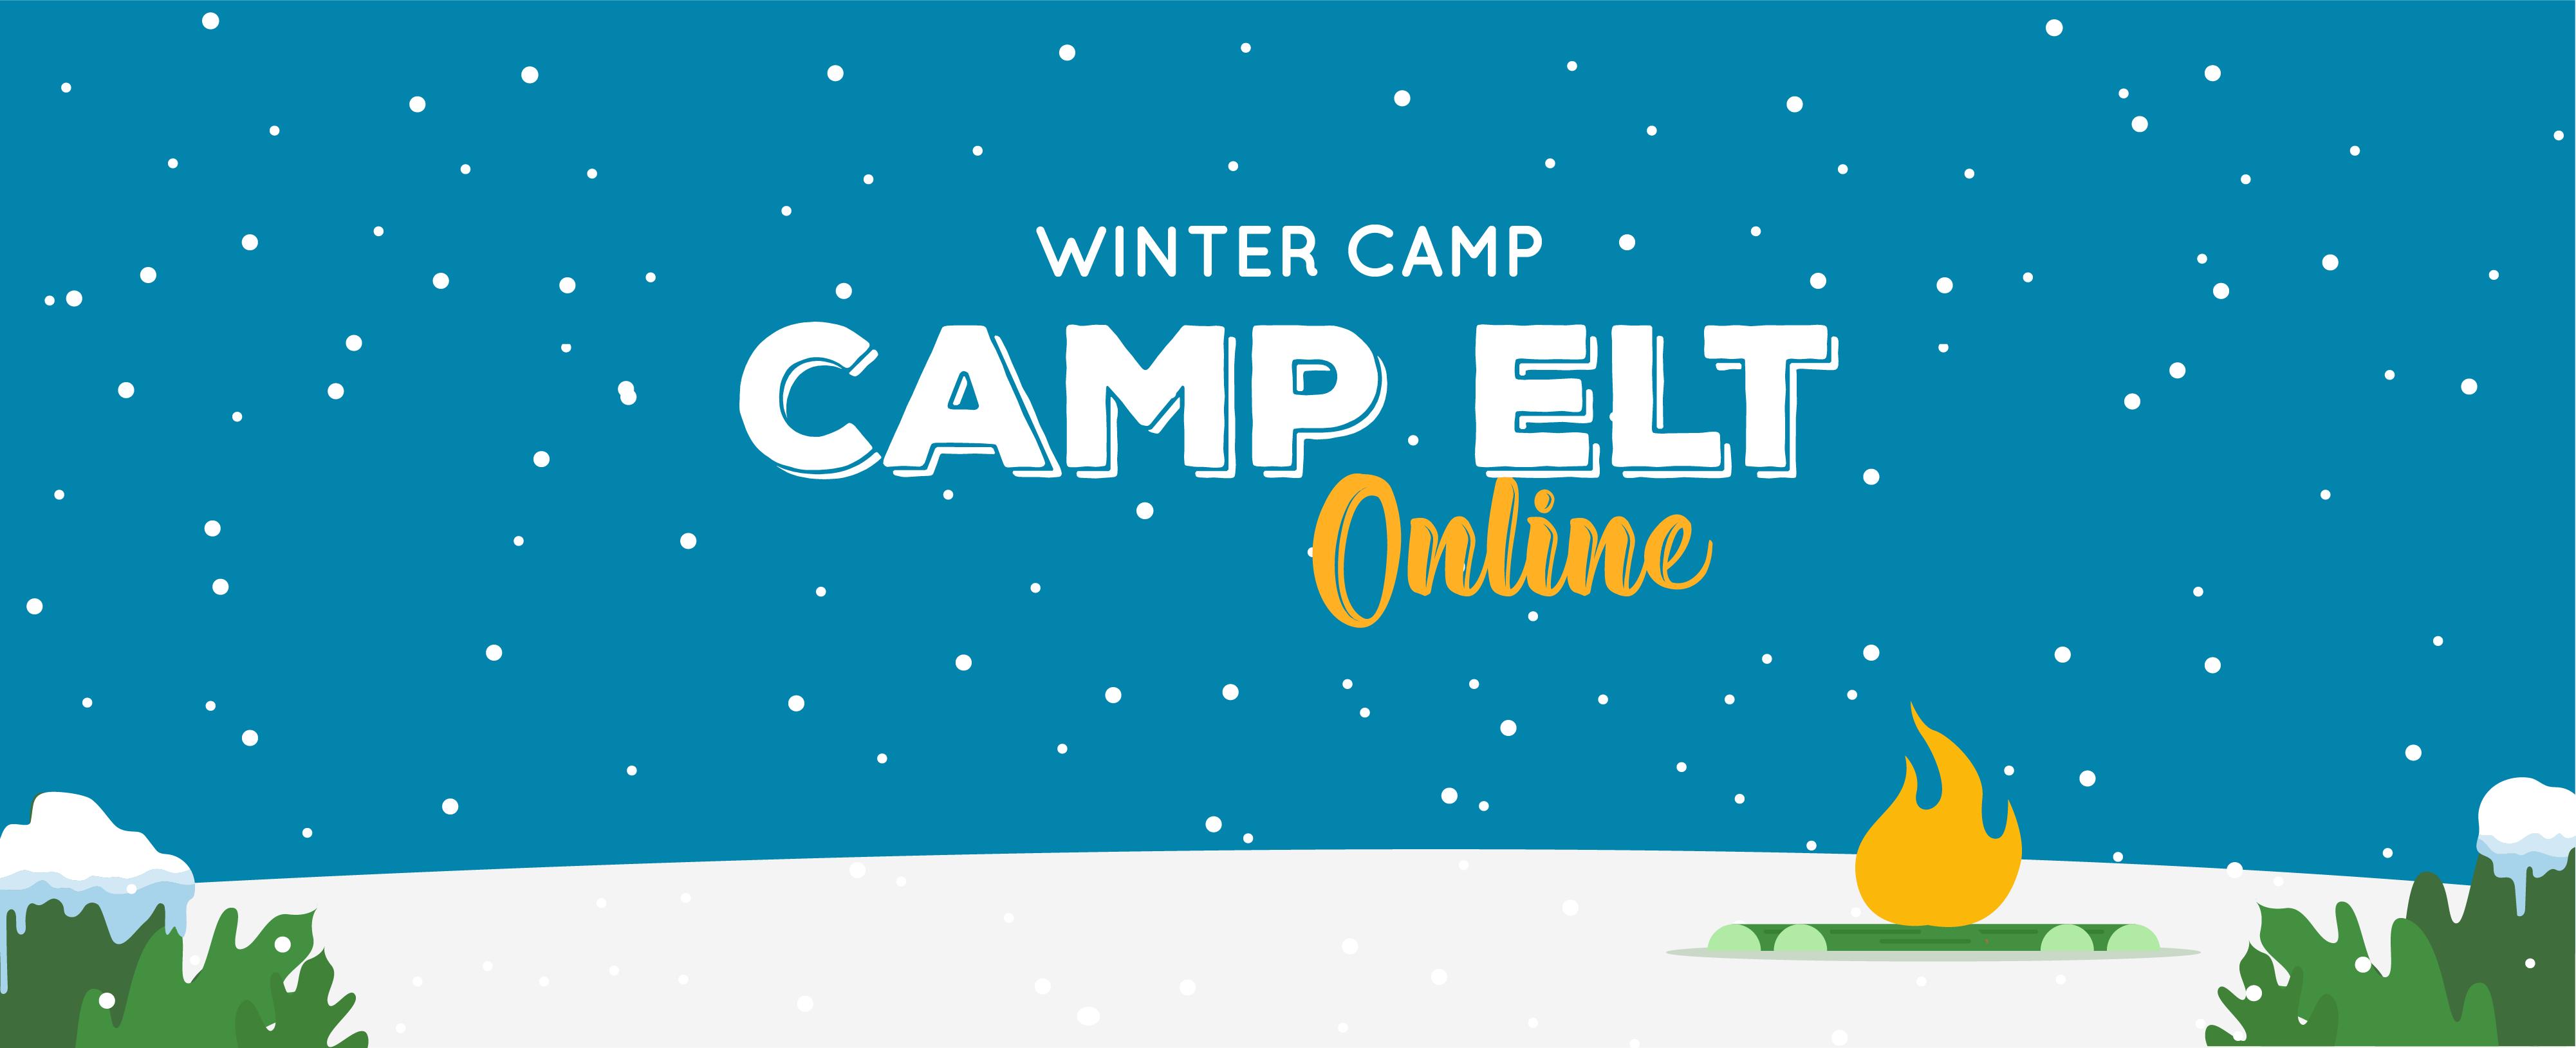 Camp ELT Online Winter Banner